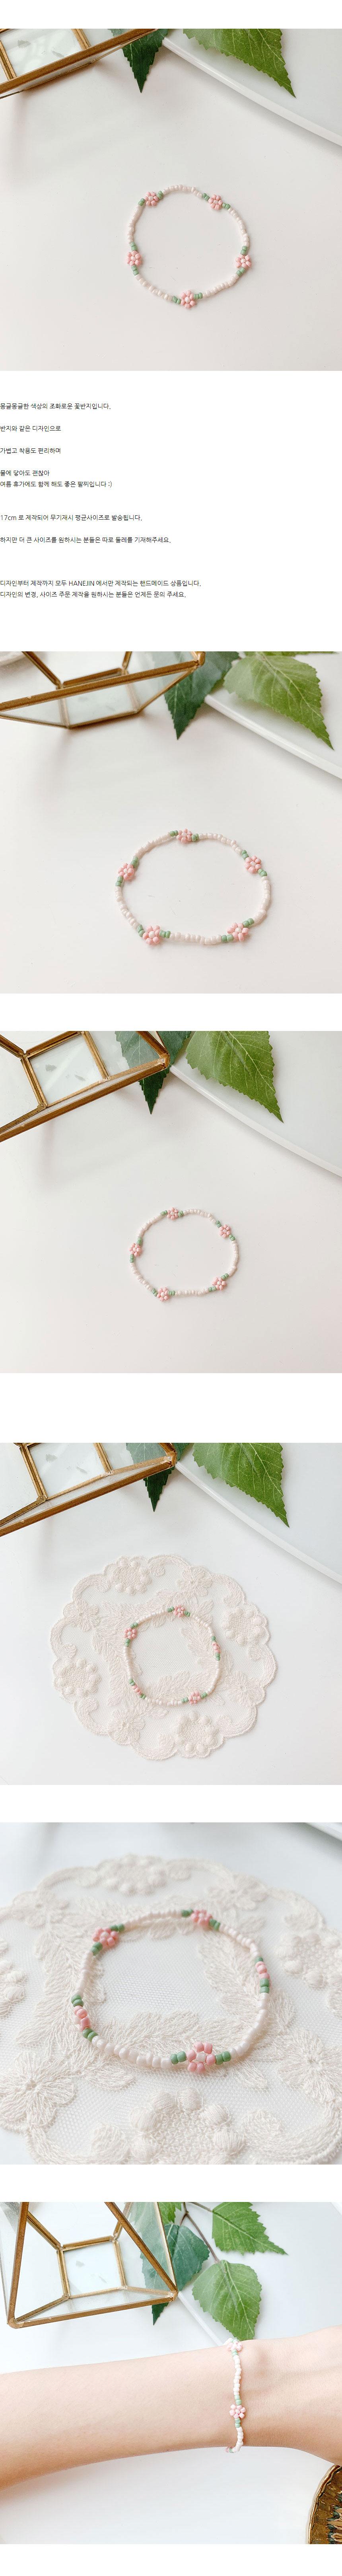 (핸드메이드) 마시멜로우 꽃 팔찌 -  비즈팔찌 - 하네진, 12,000원, 팔찌, 패션팔찌